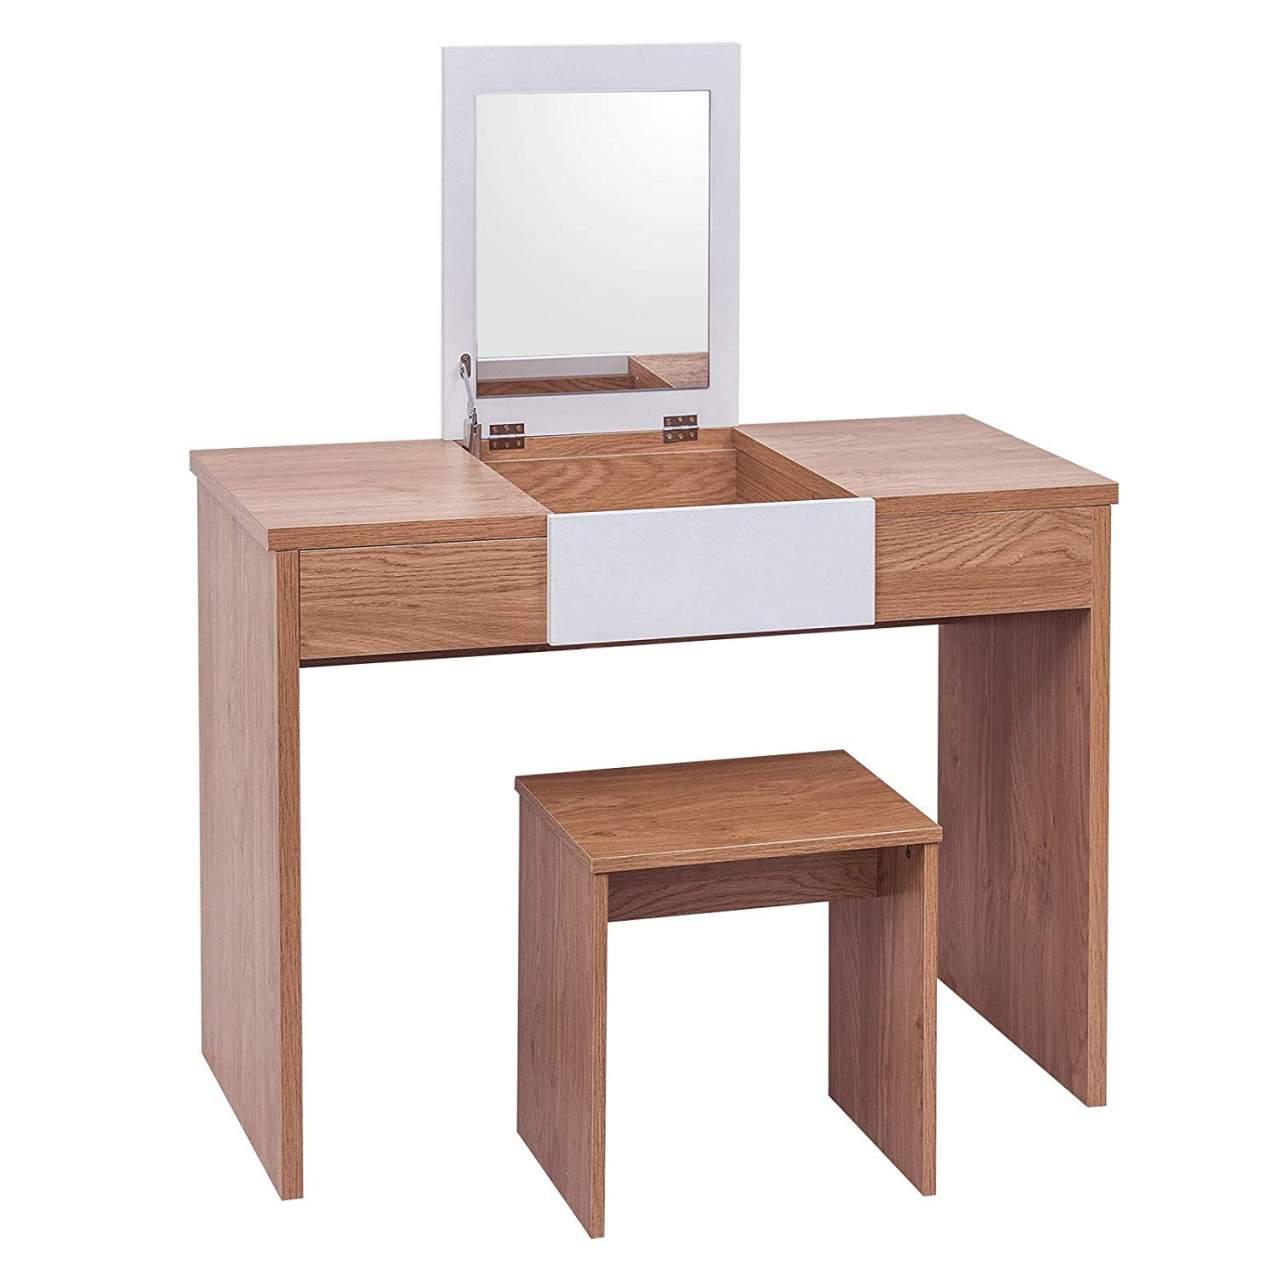 Wei/ß 100 * 45 * 76cm MB6047ws WOLTU Schminktisch Kosmetiktisch mit Hocker und klappbar Spiegel Hochglanz Tischplatte,Schreibtisch Frisierkommode